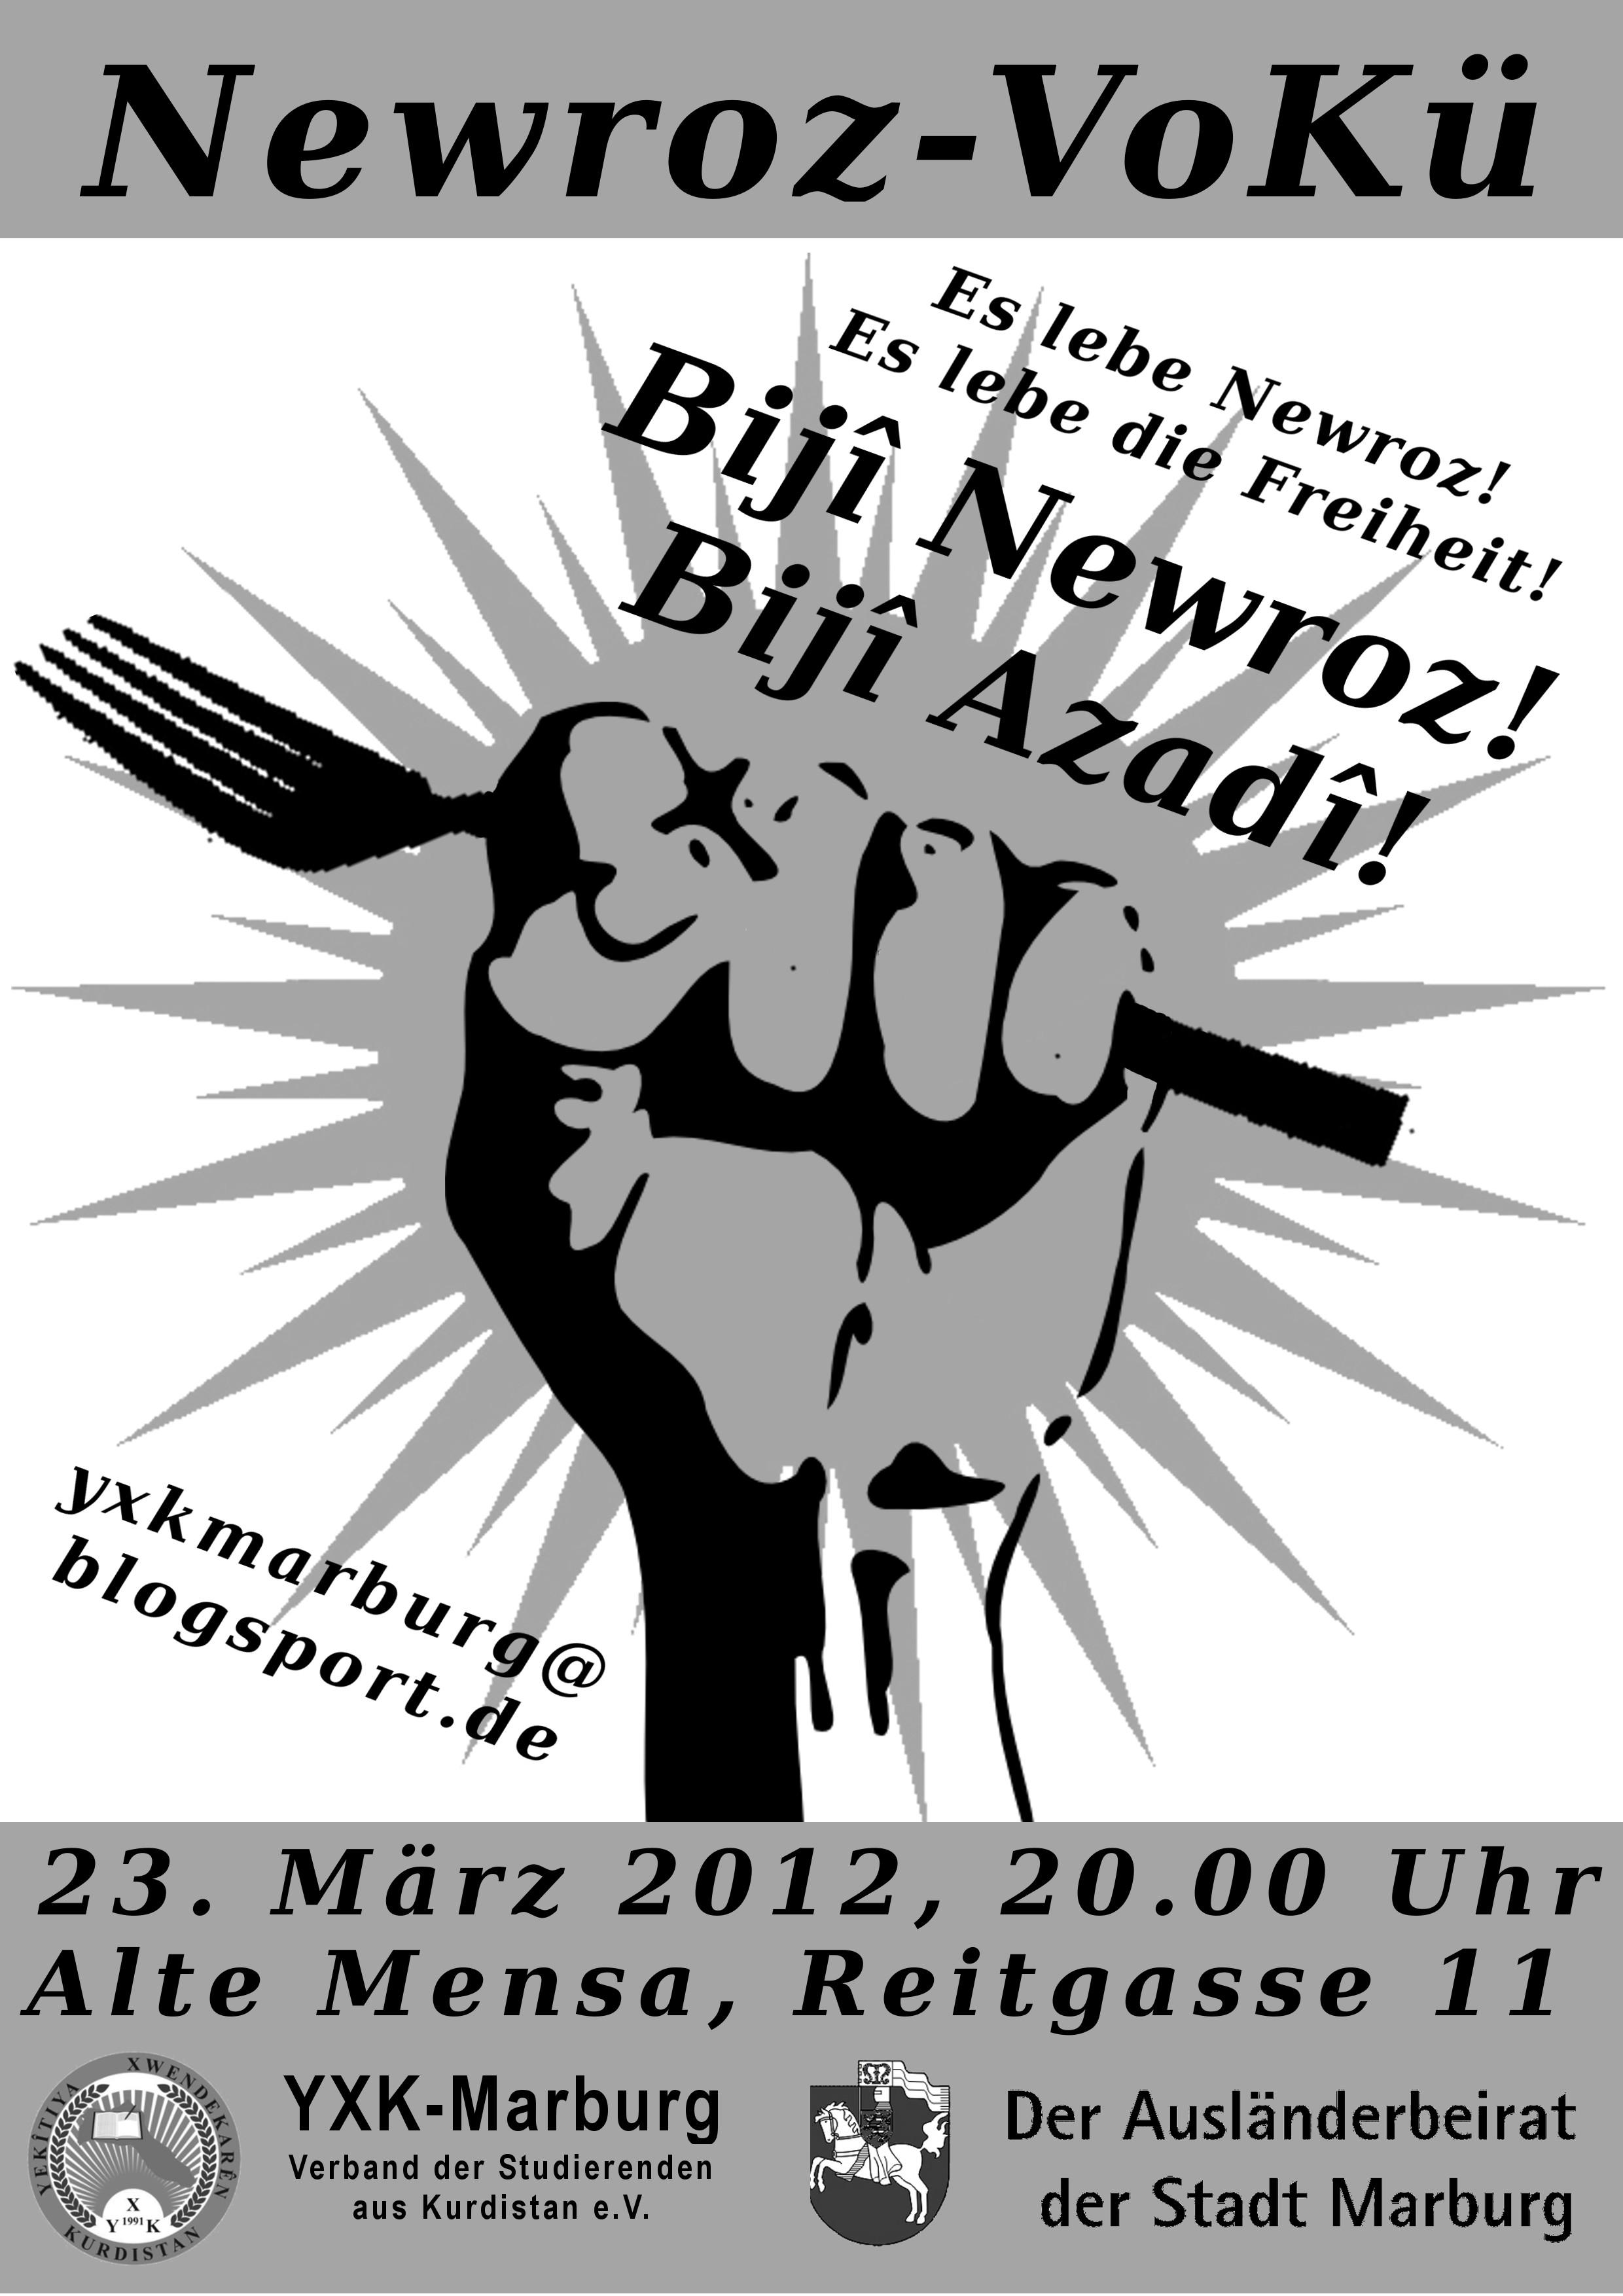 Flyer Vorderseite: Newroz VoKü 2012